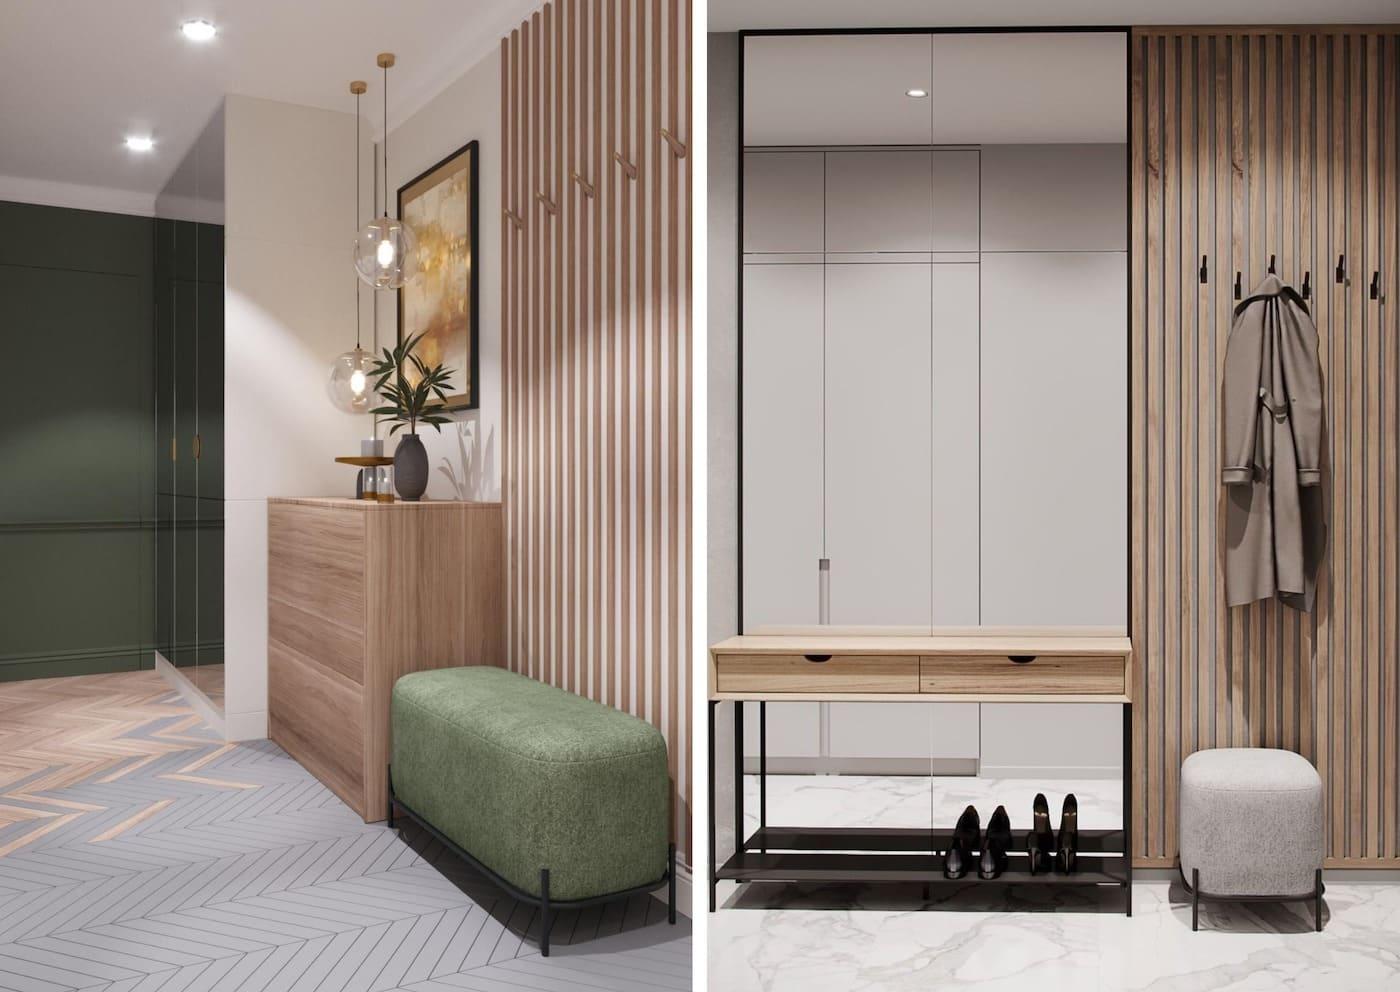 design d'intérieur couloir photo 22